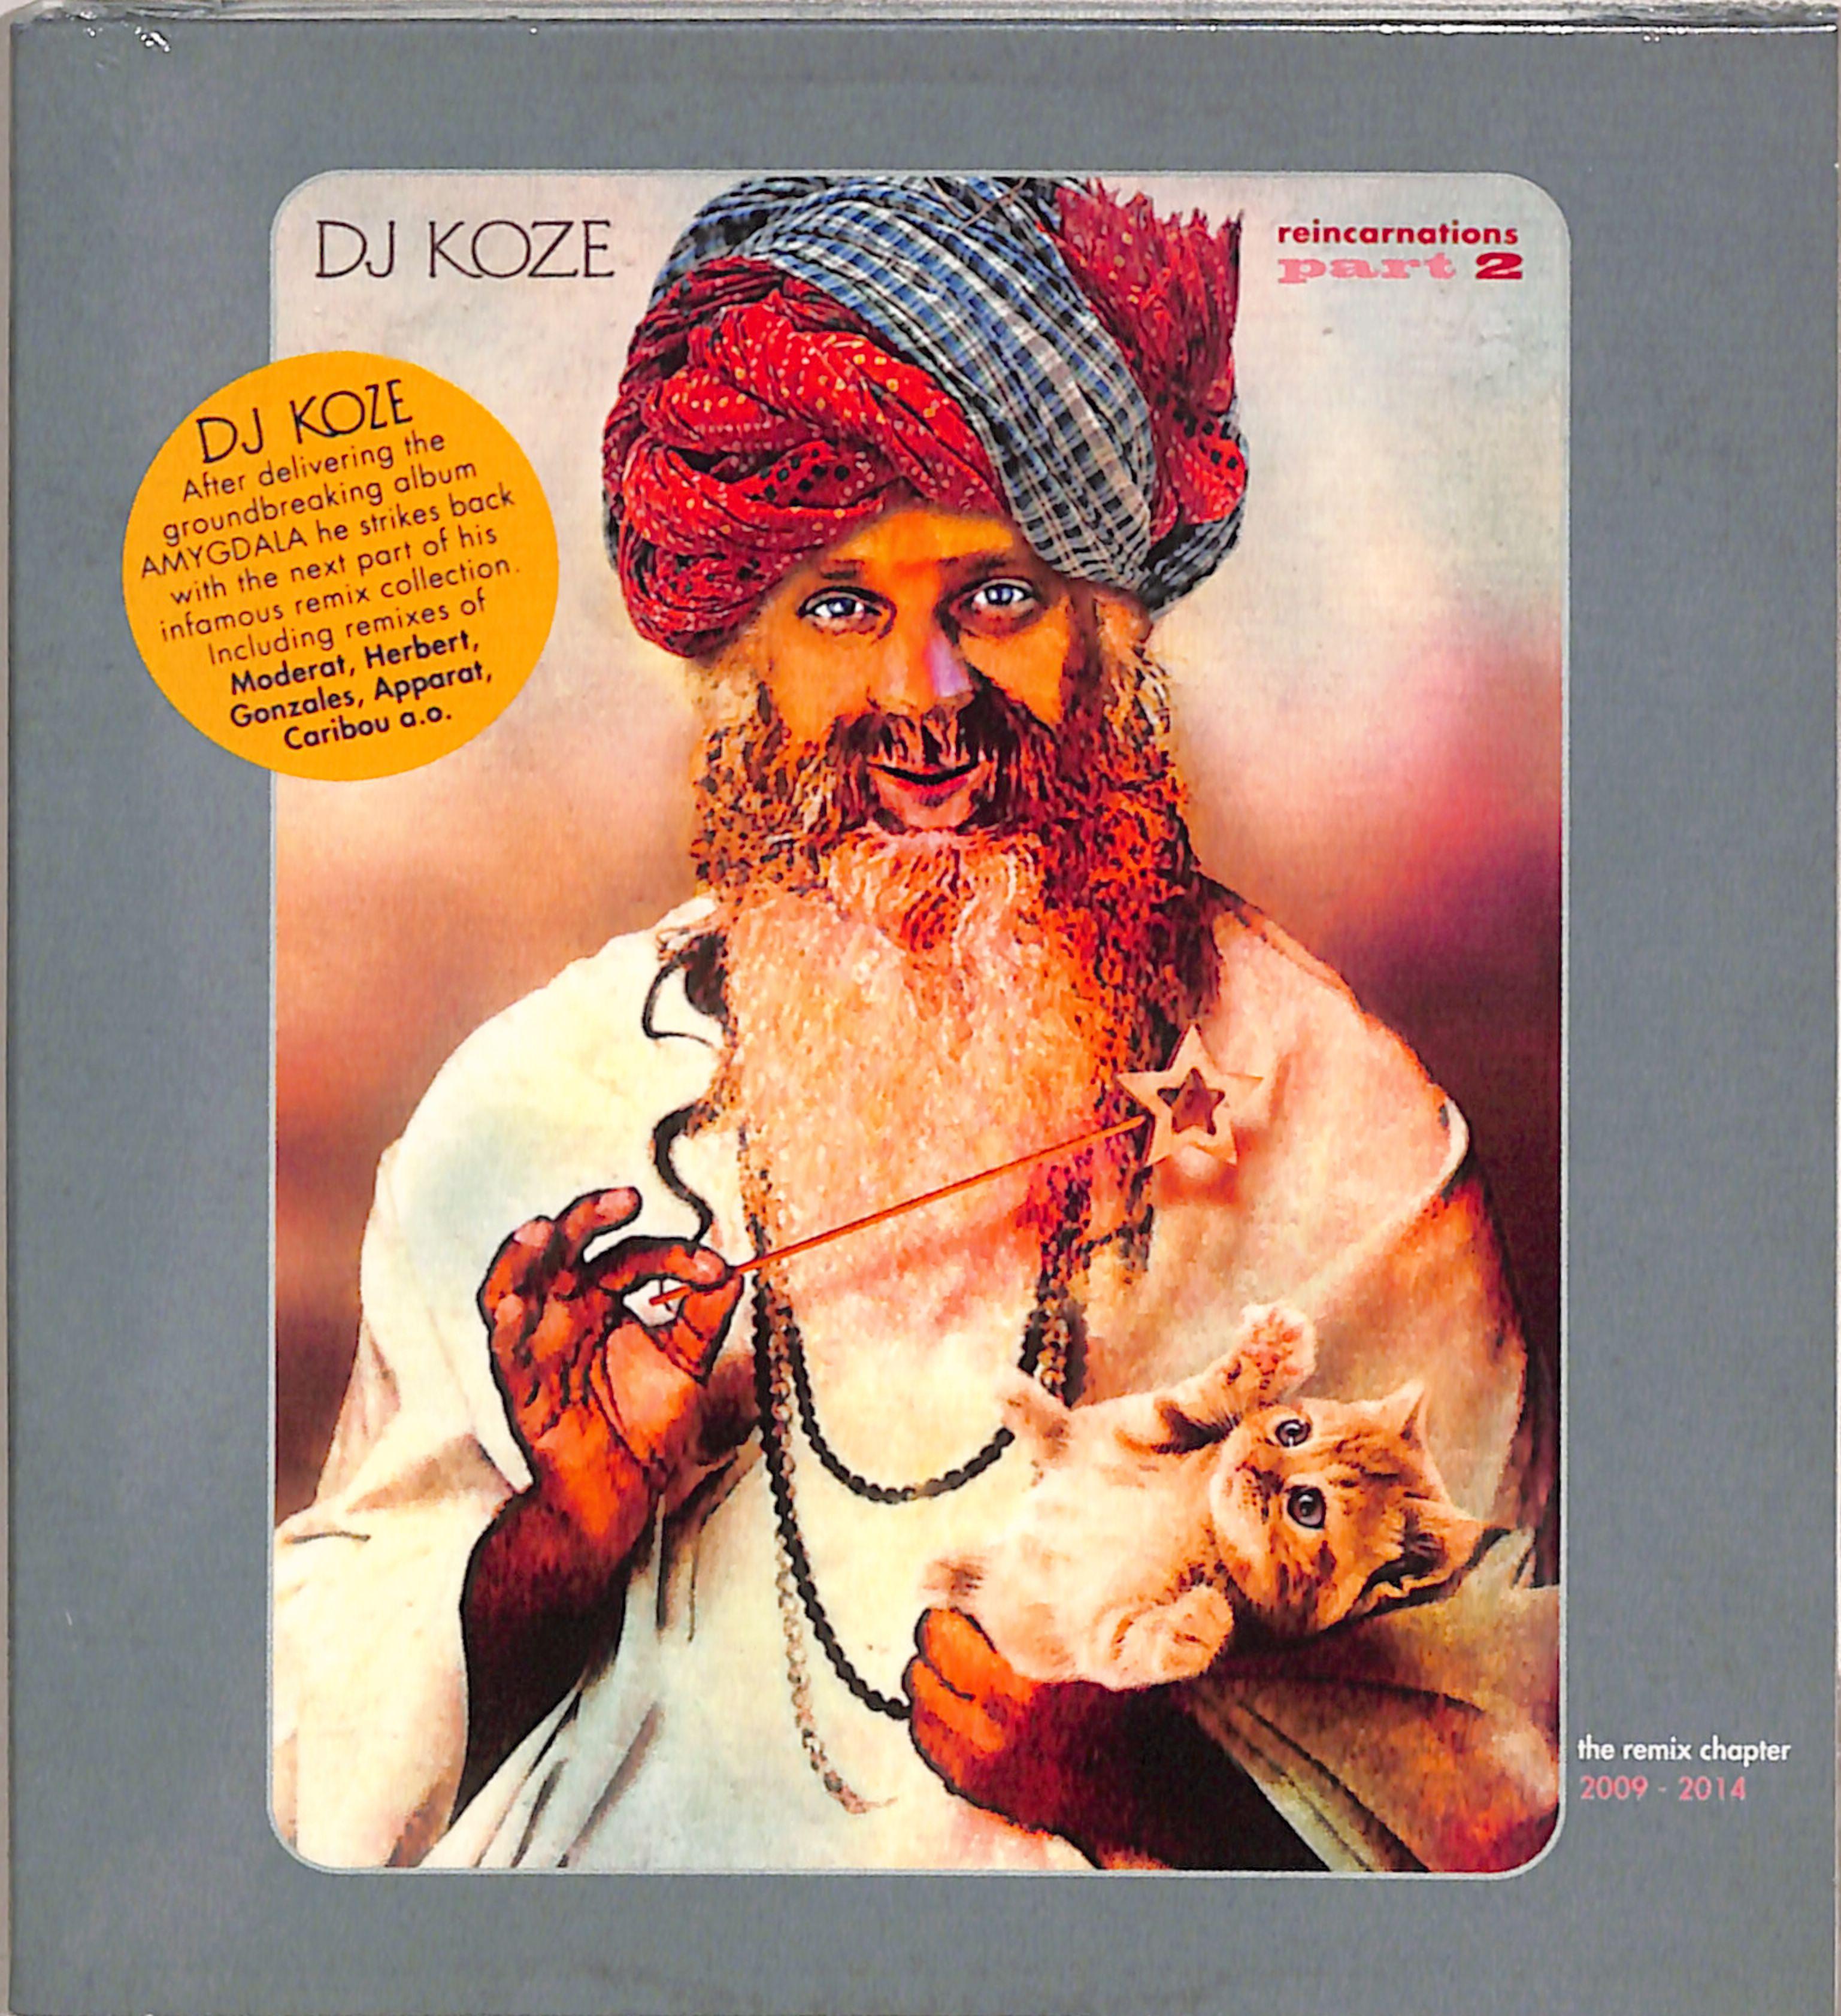 DJ Koze - REINCARNATIONS PART 2